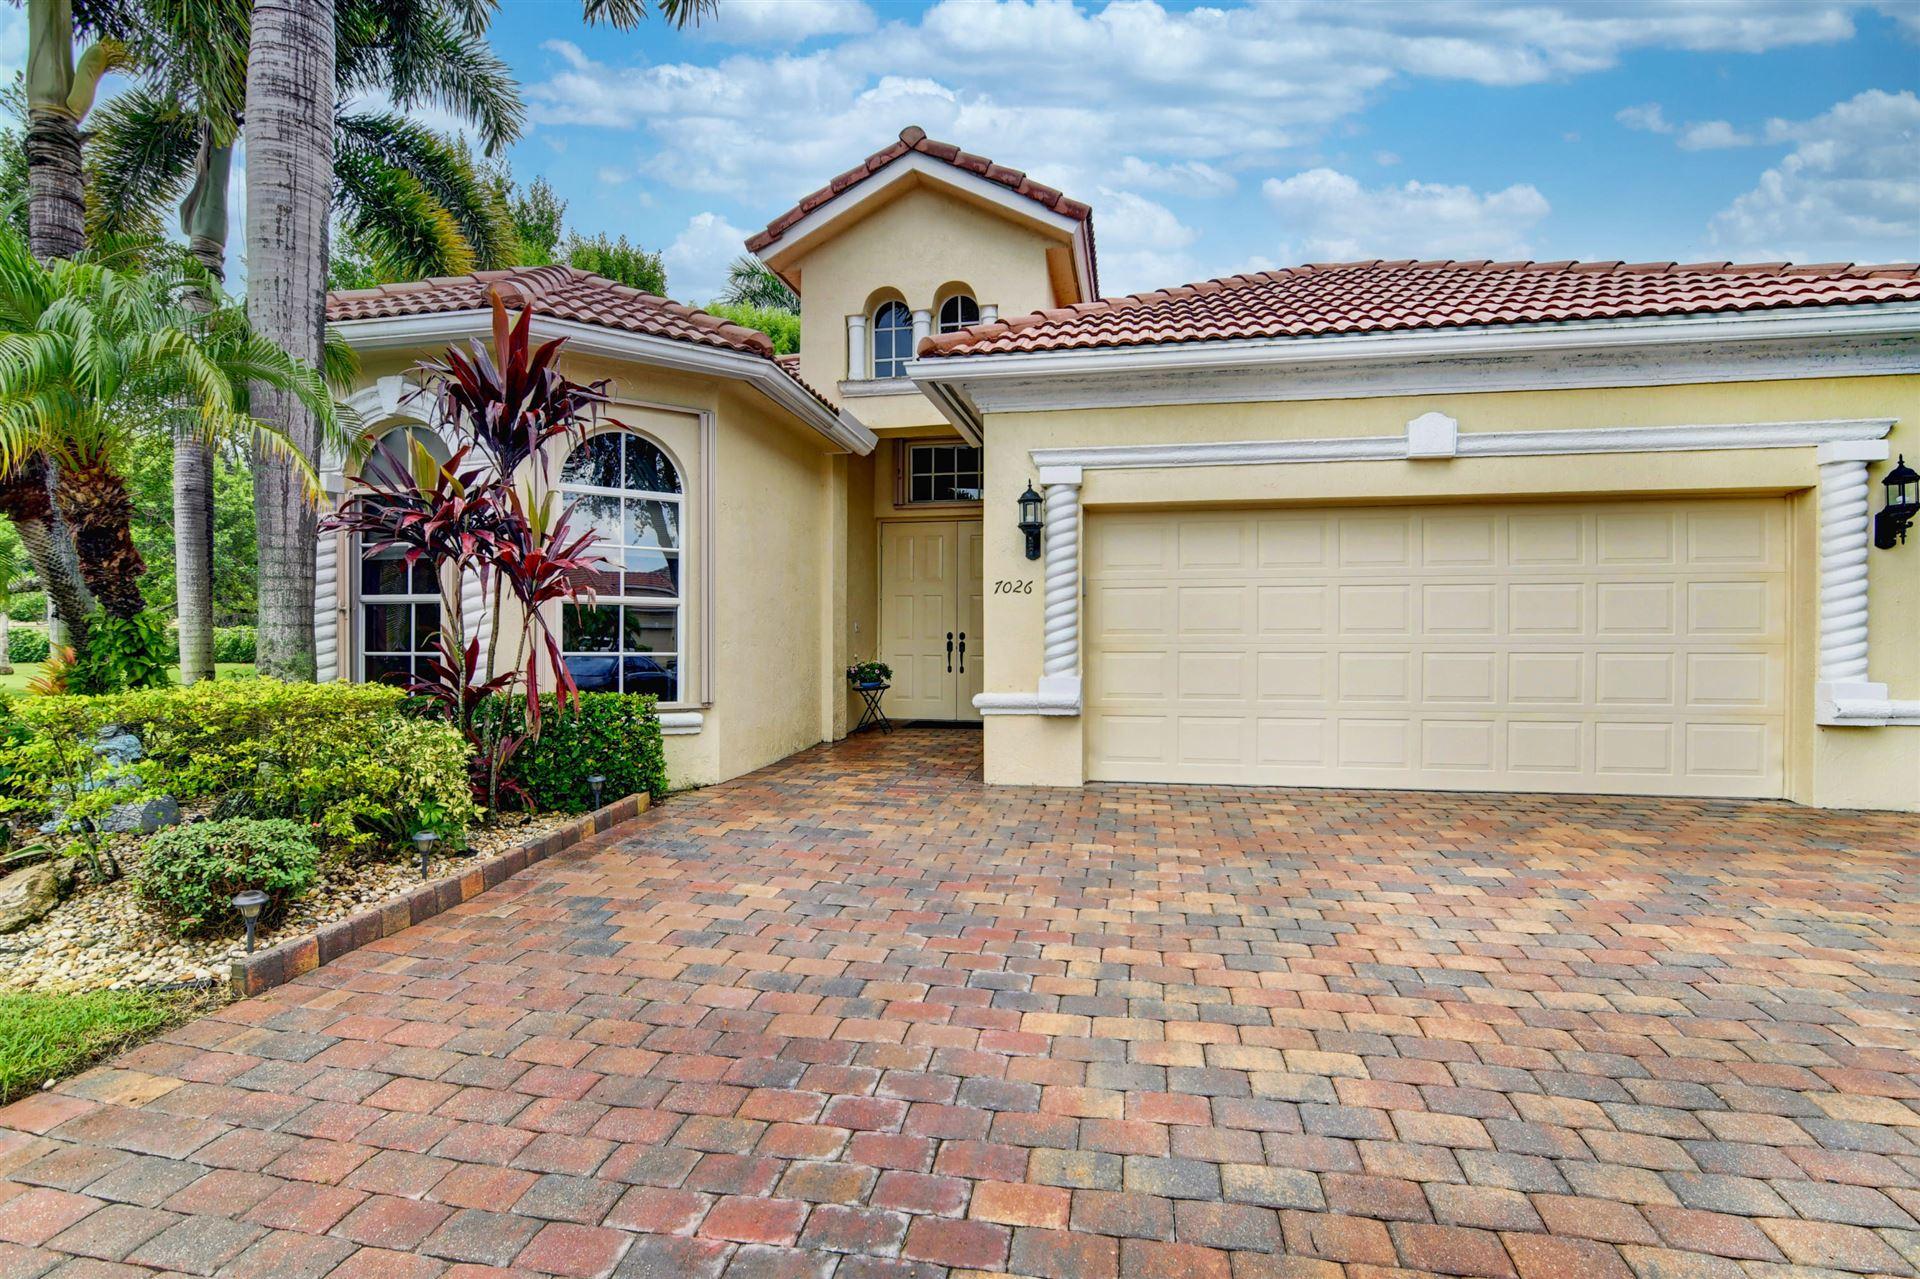 7026 Veneto Drive, Boynton Beach, FL 33437 - #: RX-10733932